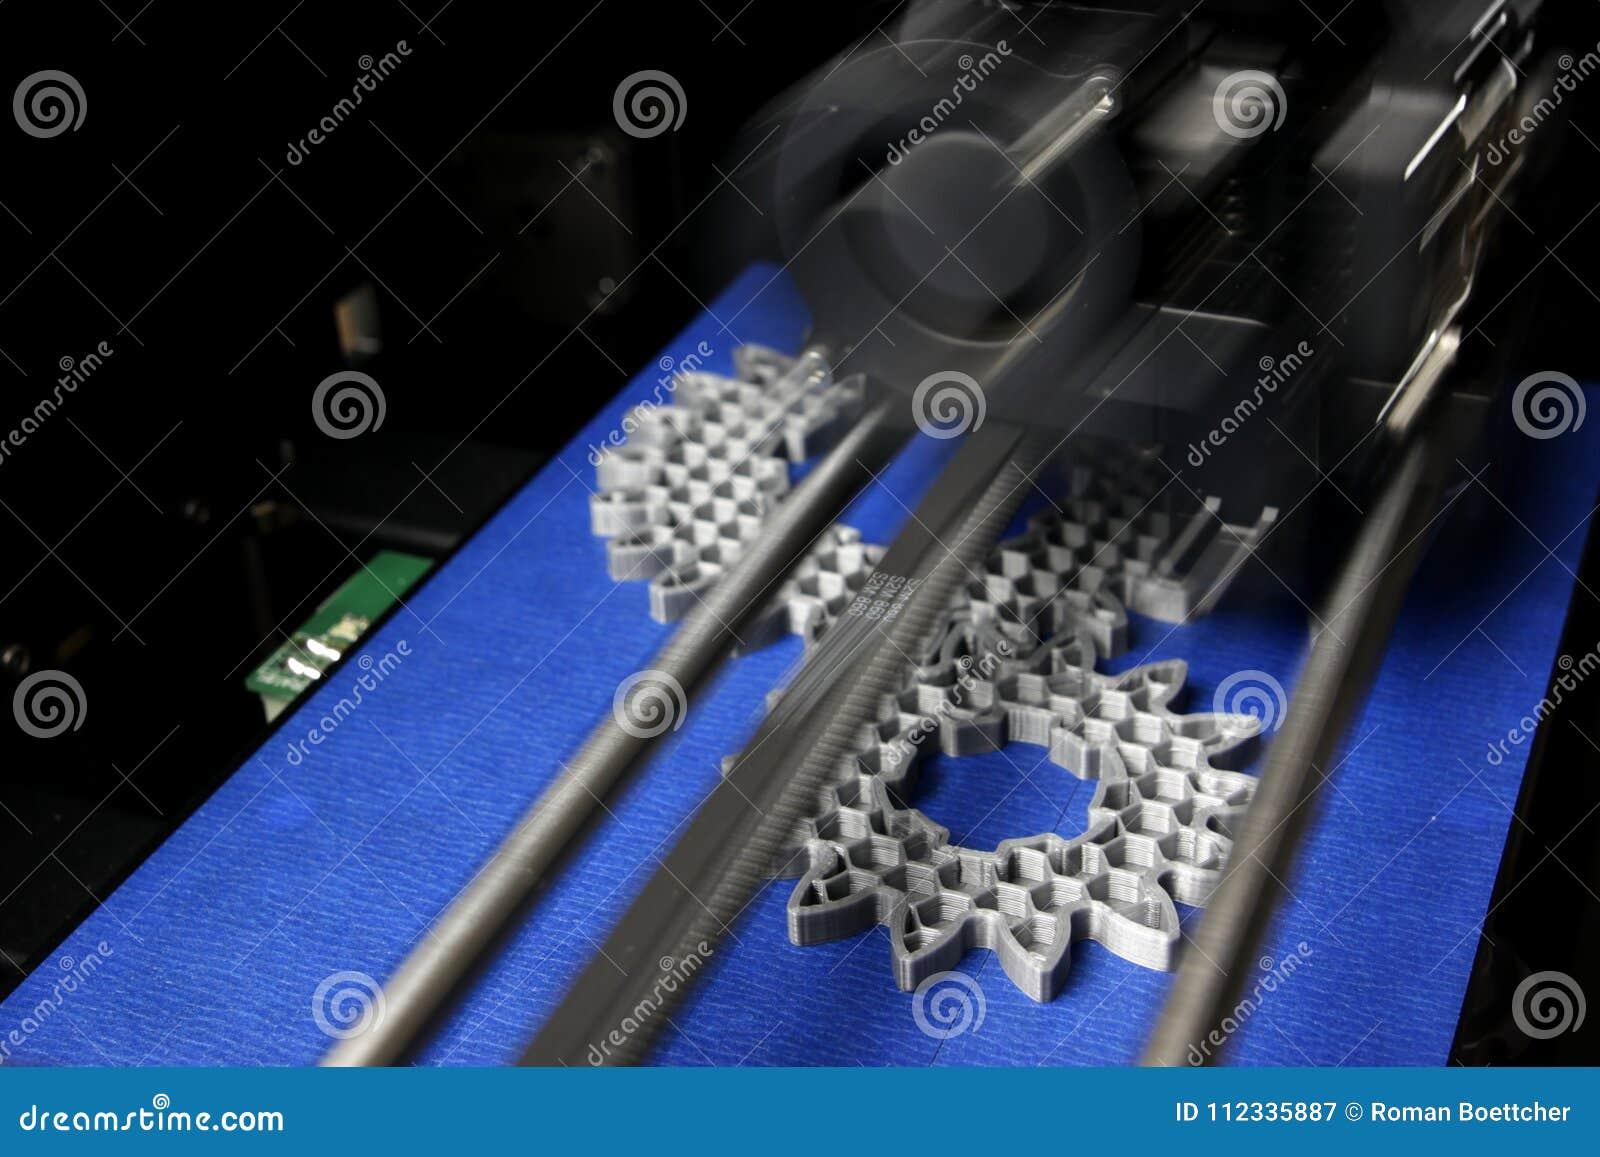 Tillverkning för FDM 3D-printer sporrar kugghjul från silver-grå färger glödtråd på bandet för det blåa trycket